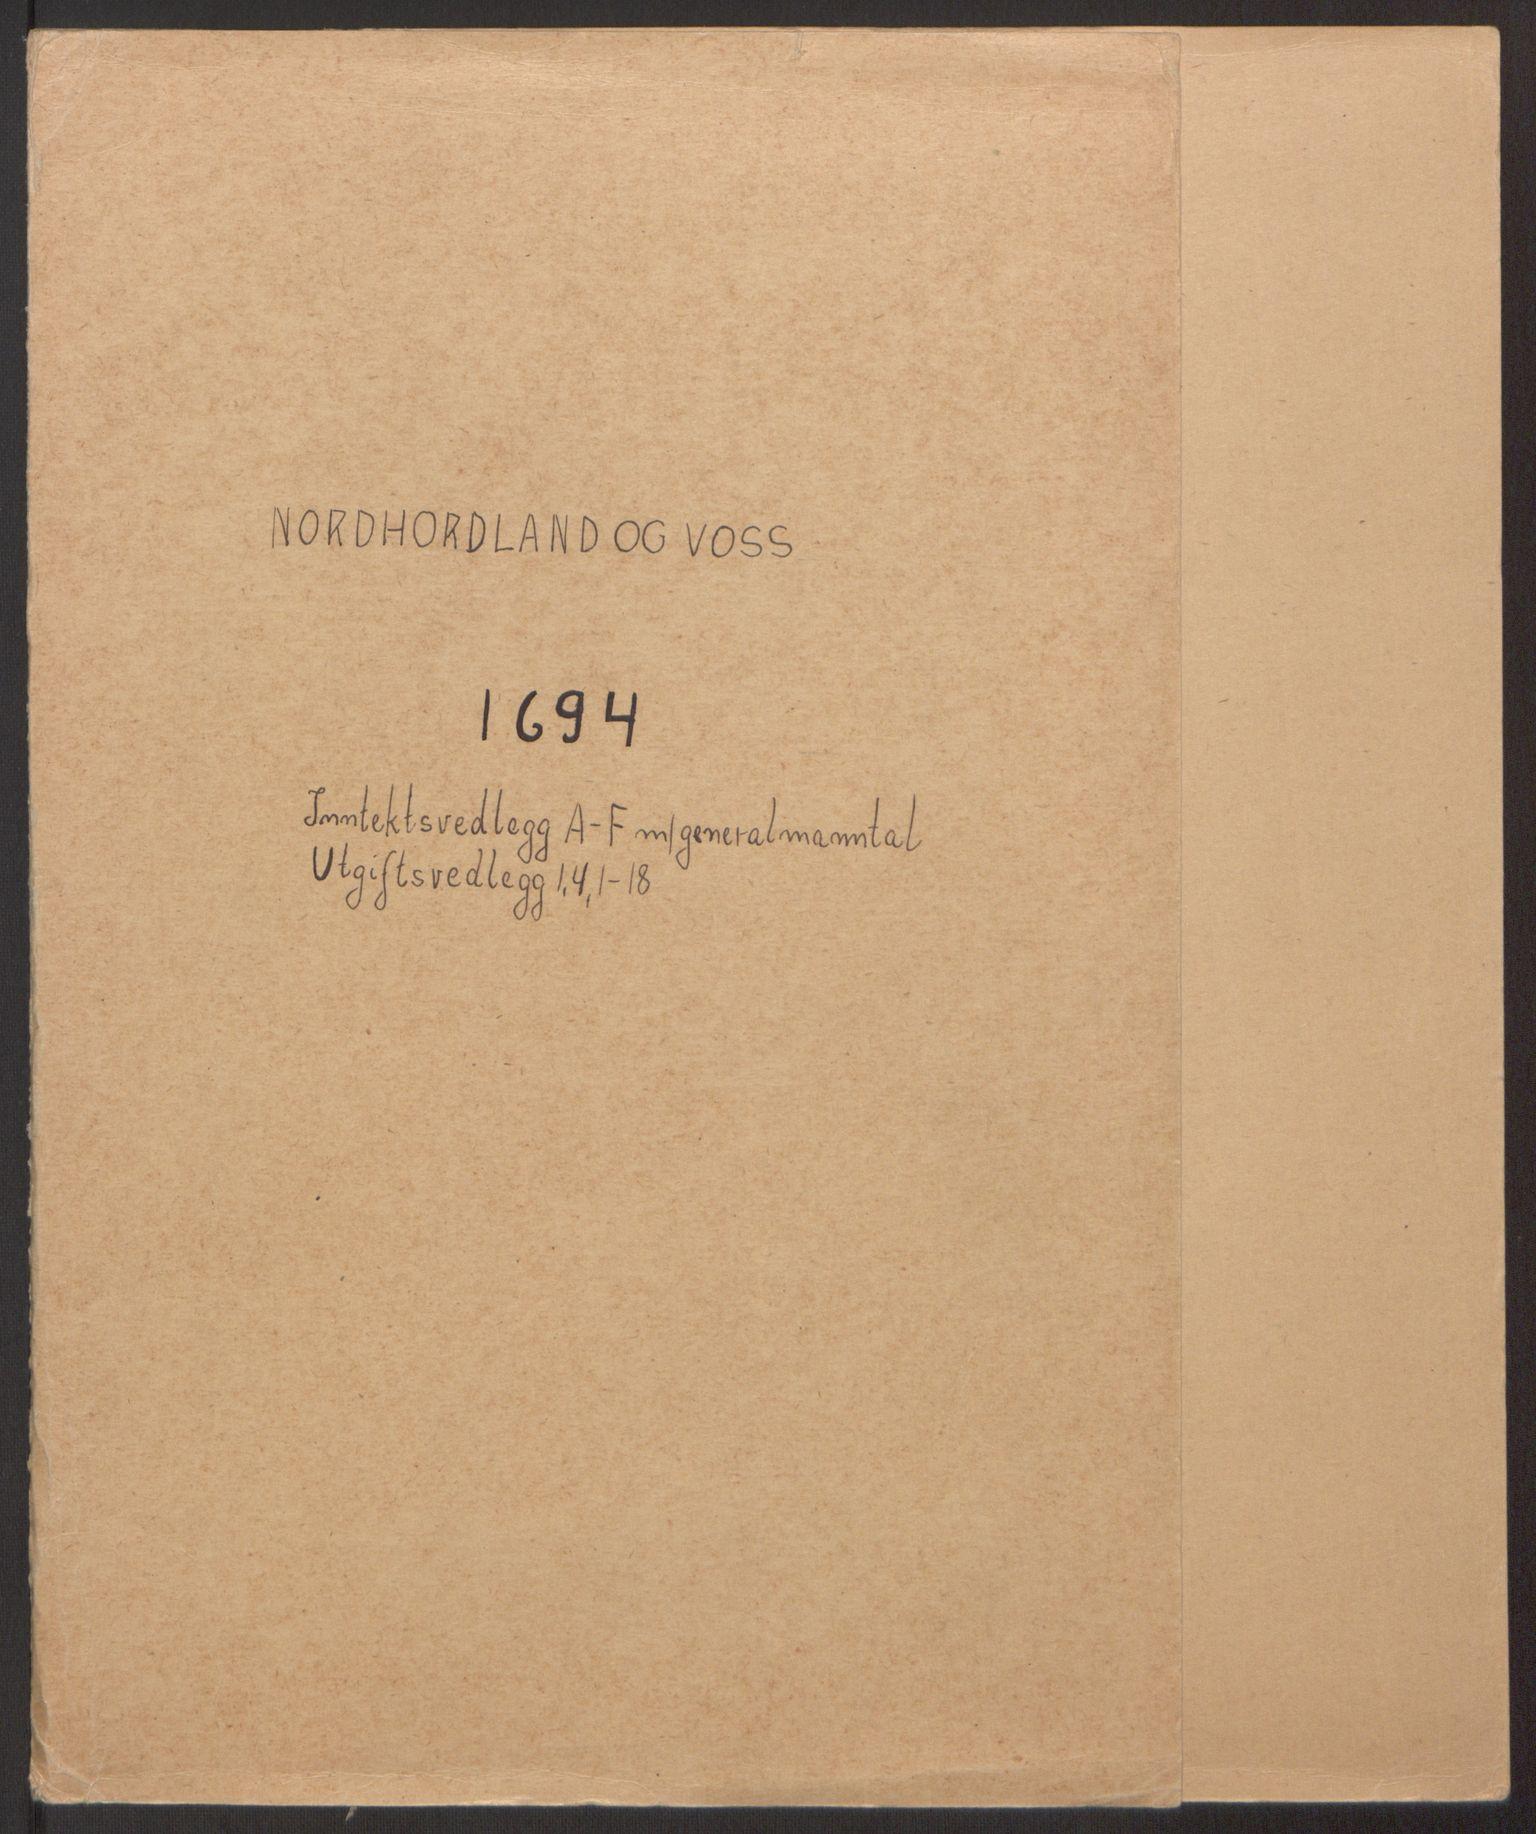 RA, Rentekammeret inntil 1814, Reviderte regnskaper, Fogderegnskap, R51/L3182: Fogderegnskap Nordhordland og Voss, 1694, s. 2